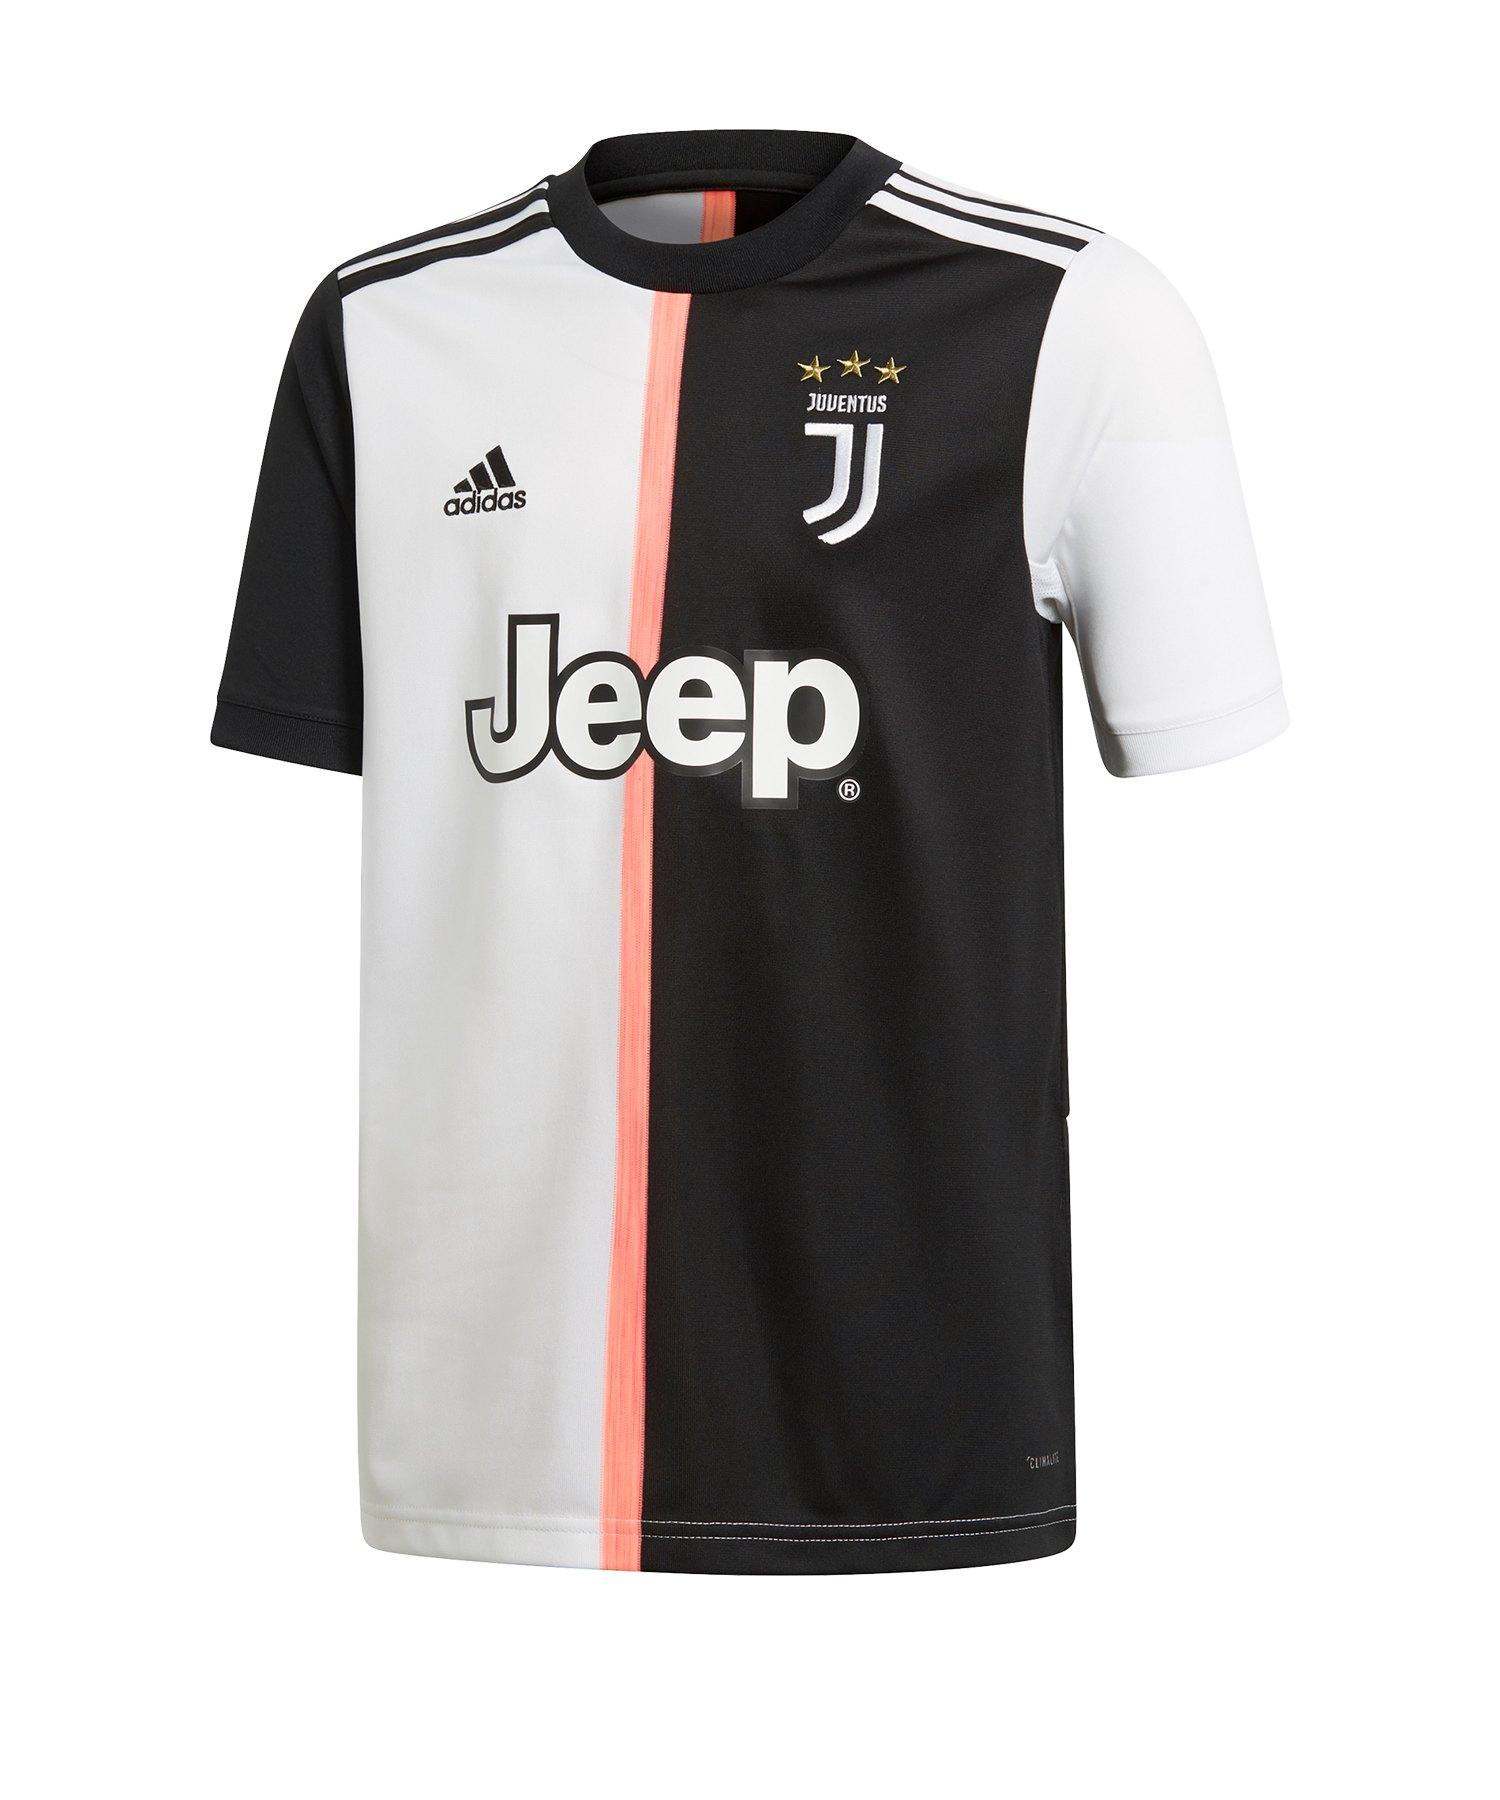 adidas Juventus Turin Trikot Home Kids 2019/2020 - Schwarz